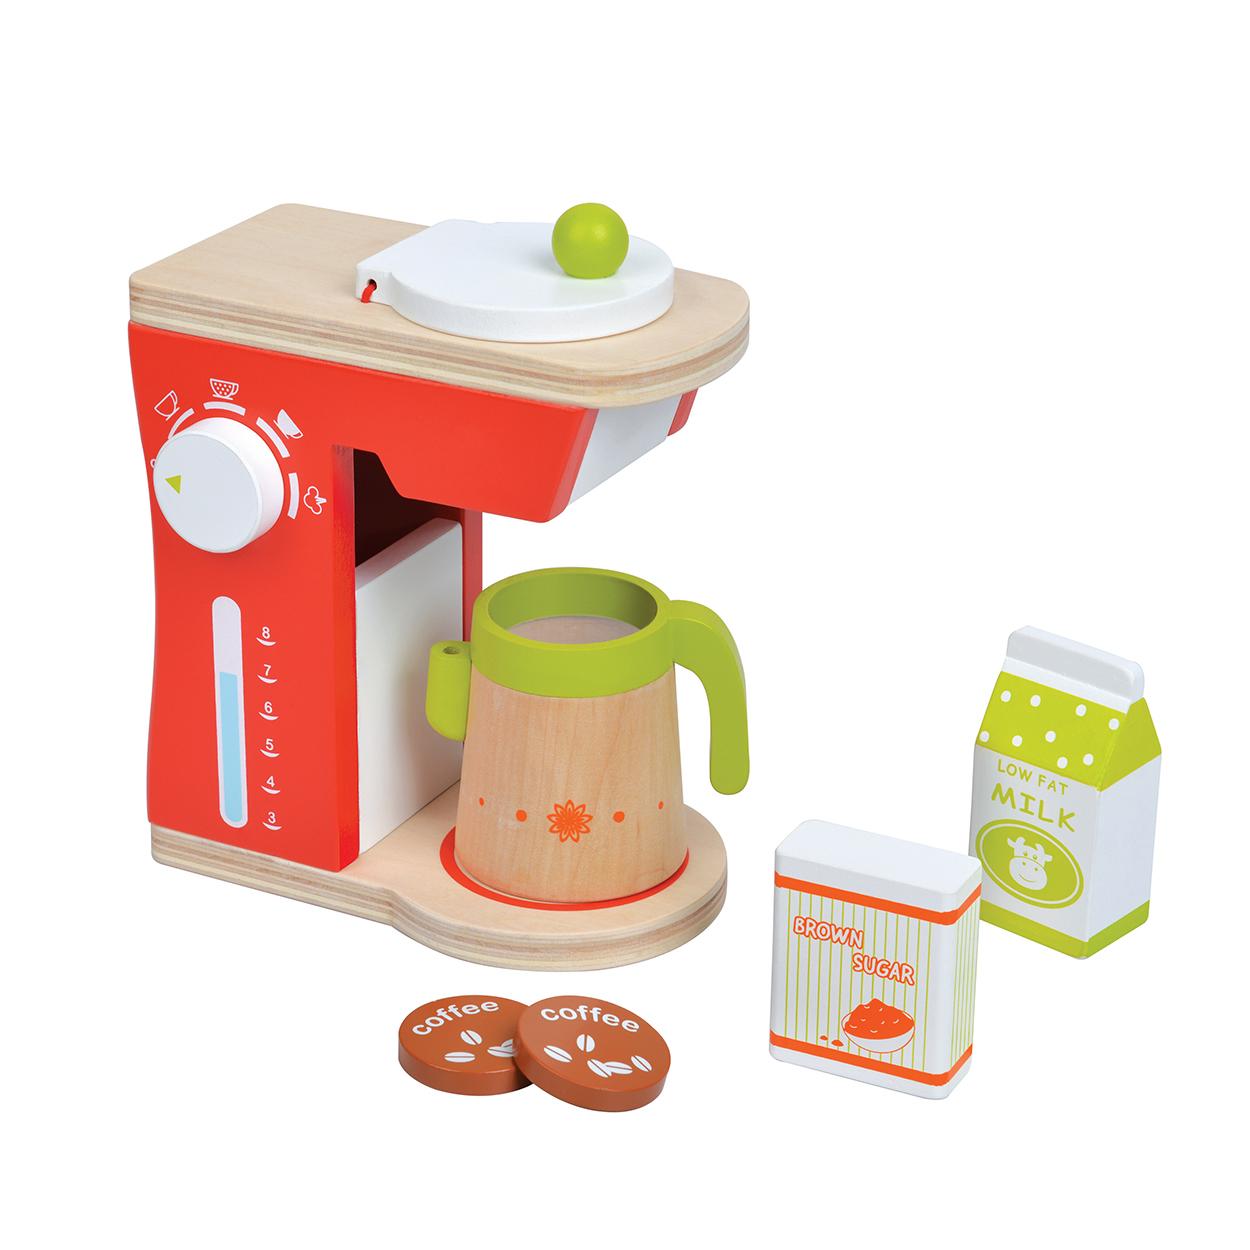 дървена играчка-кафе машина-аксесоар за детска дървена кухня-bellamie